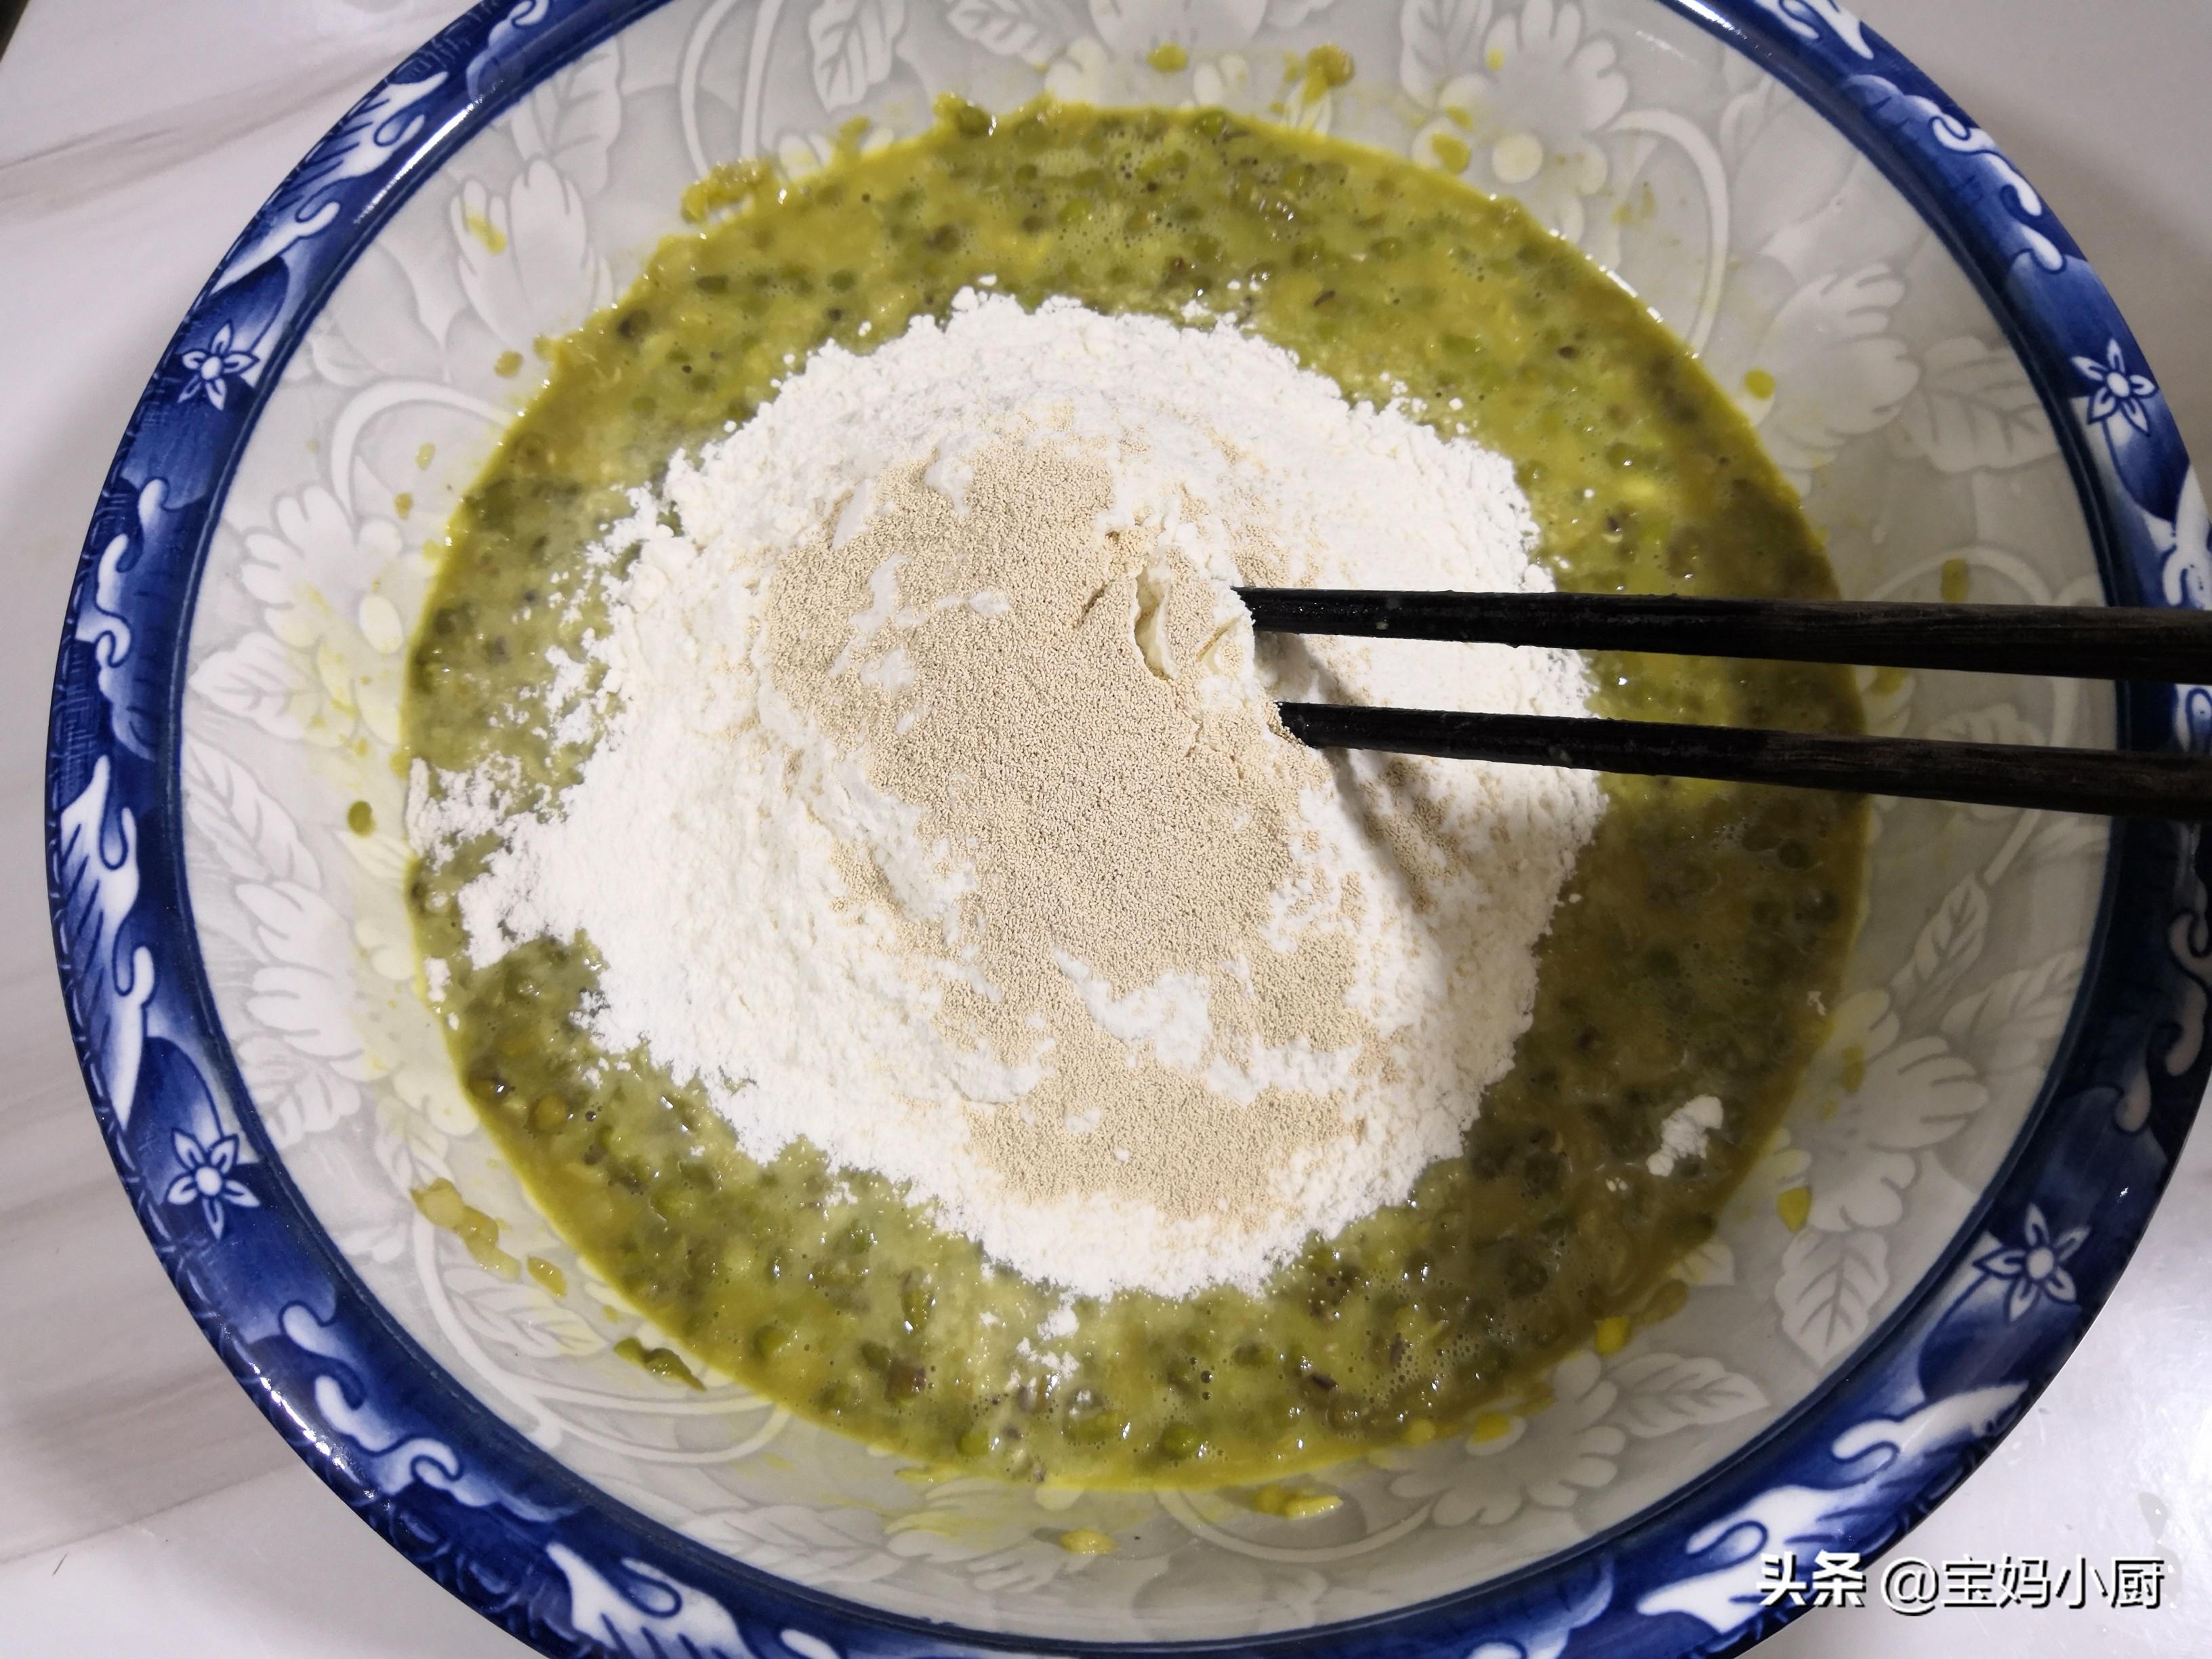 用綠豆湯做發糕火了,天熱常吃好,一攪一蒸就出鍋,有彈性還蓬鬆